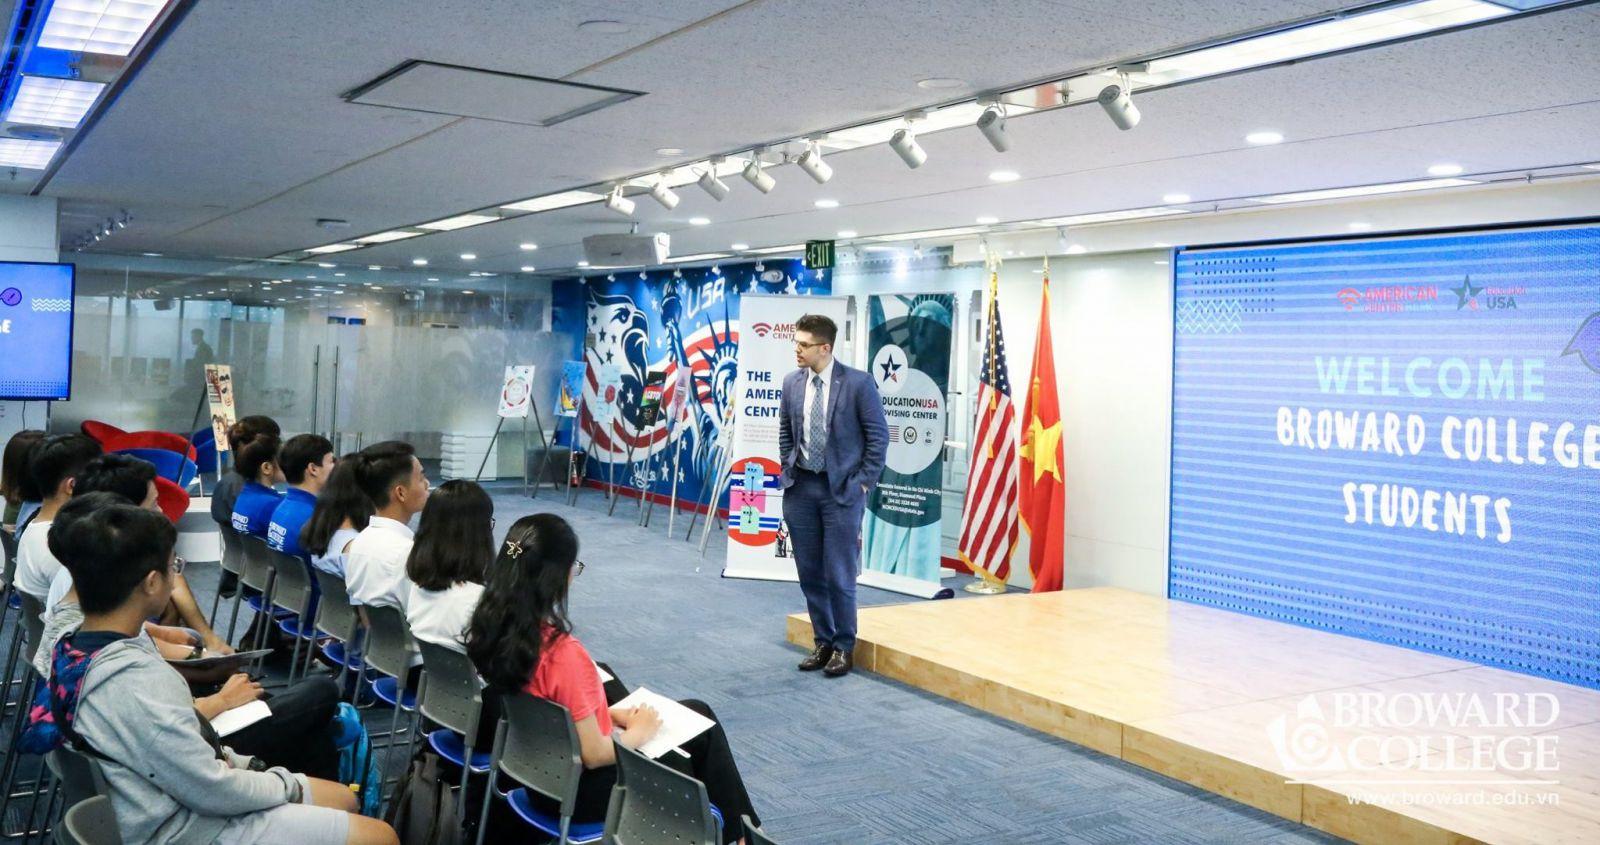 CMS triển khai dự án bảo trì định kỳ thiết bị CNTT cho Tổ chức giáo dục Hoa Kì IAE